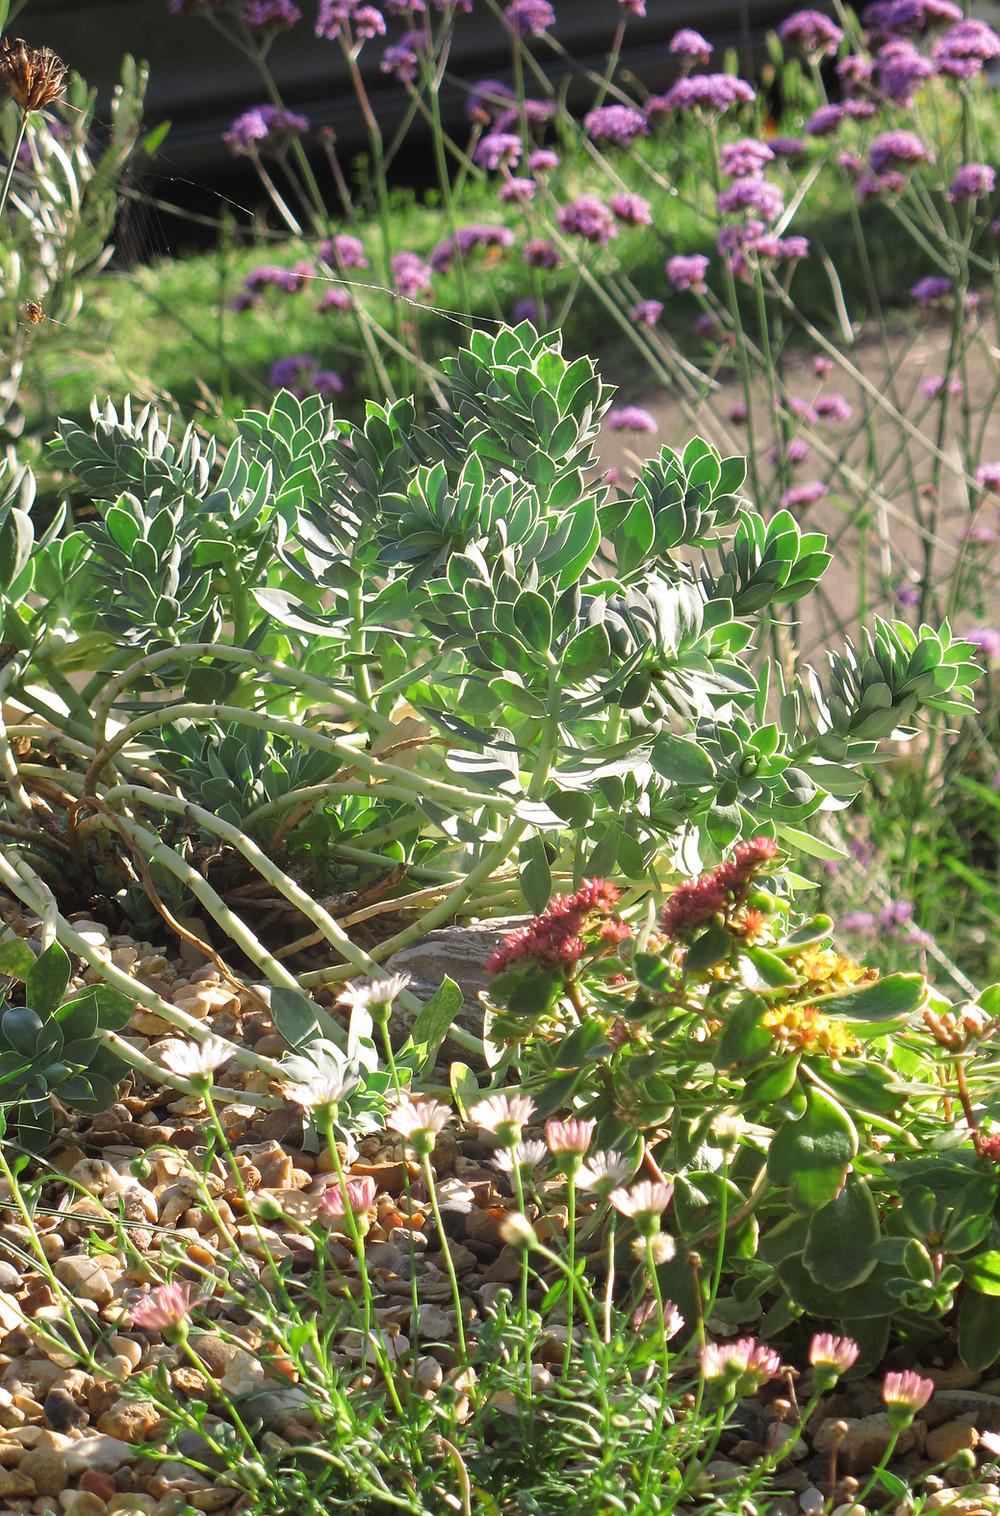 Green roof plants, Euphorbia, sedum, Erigeron karvinskianus,